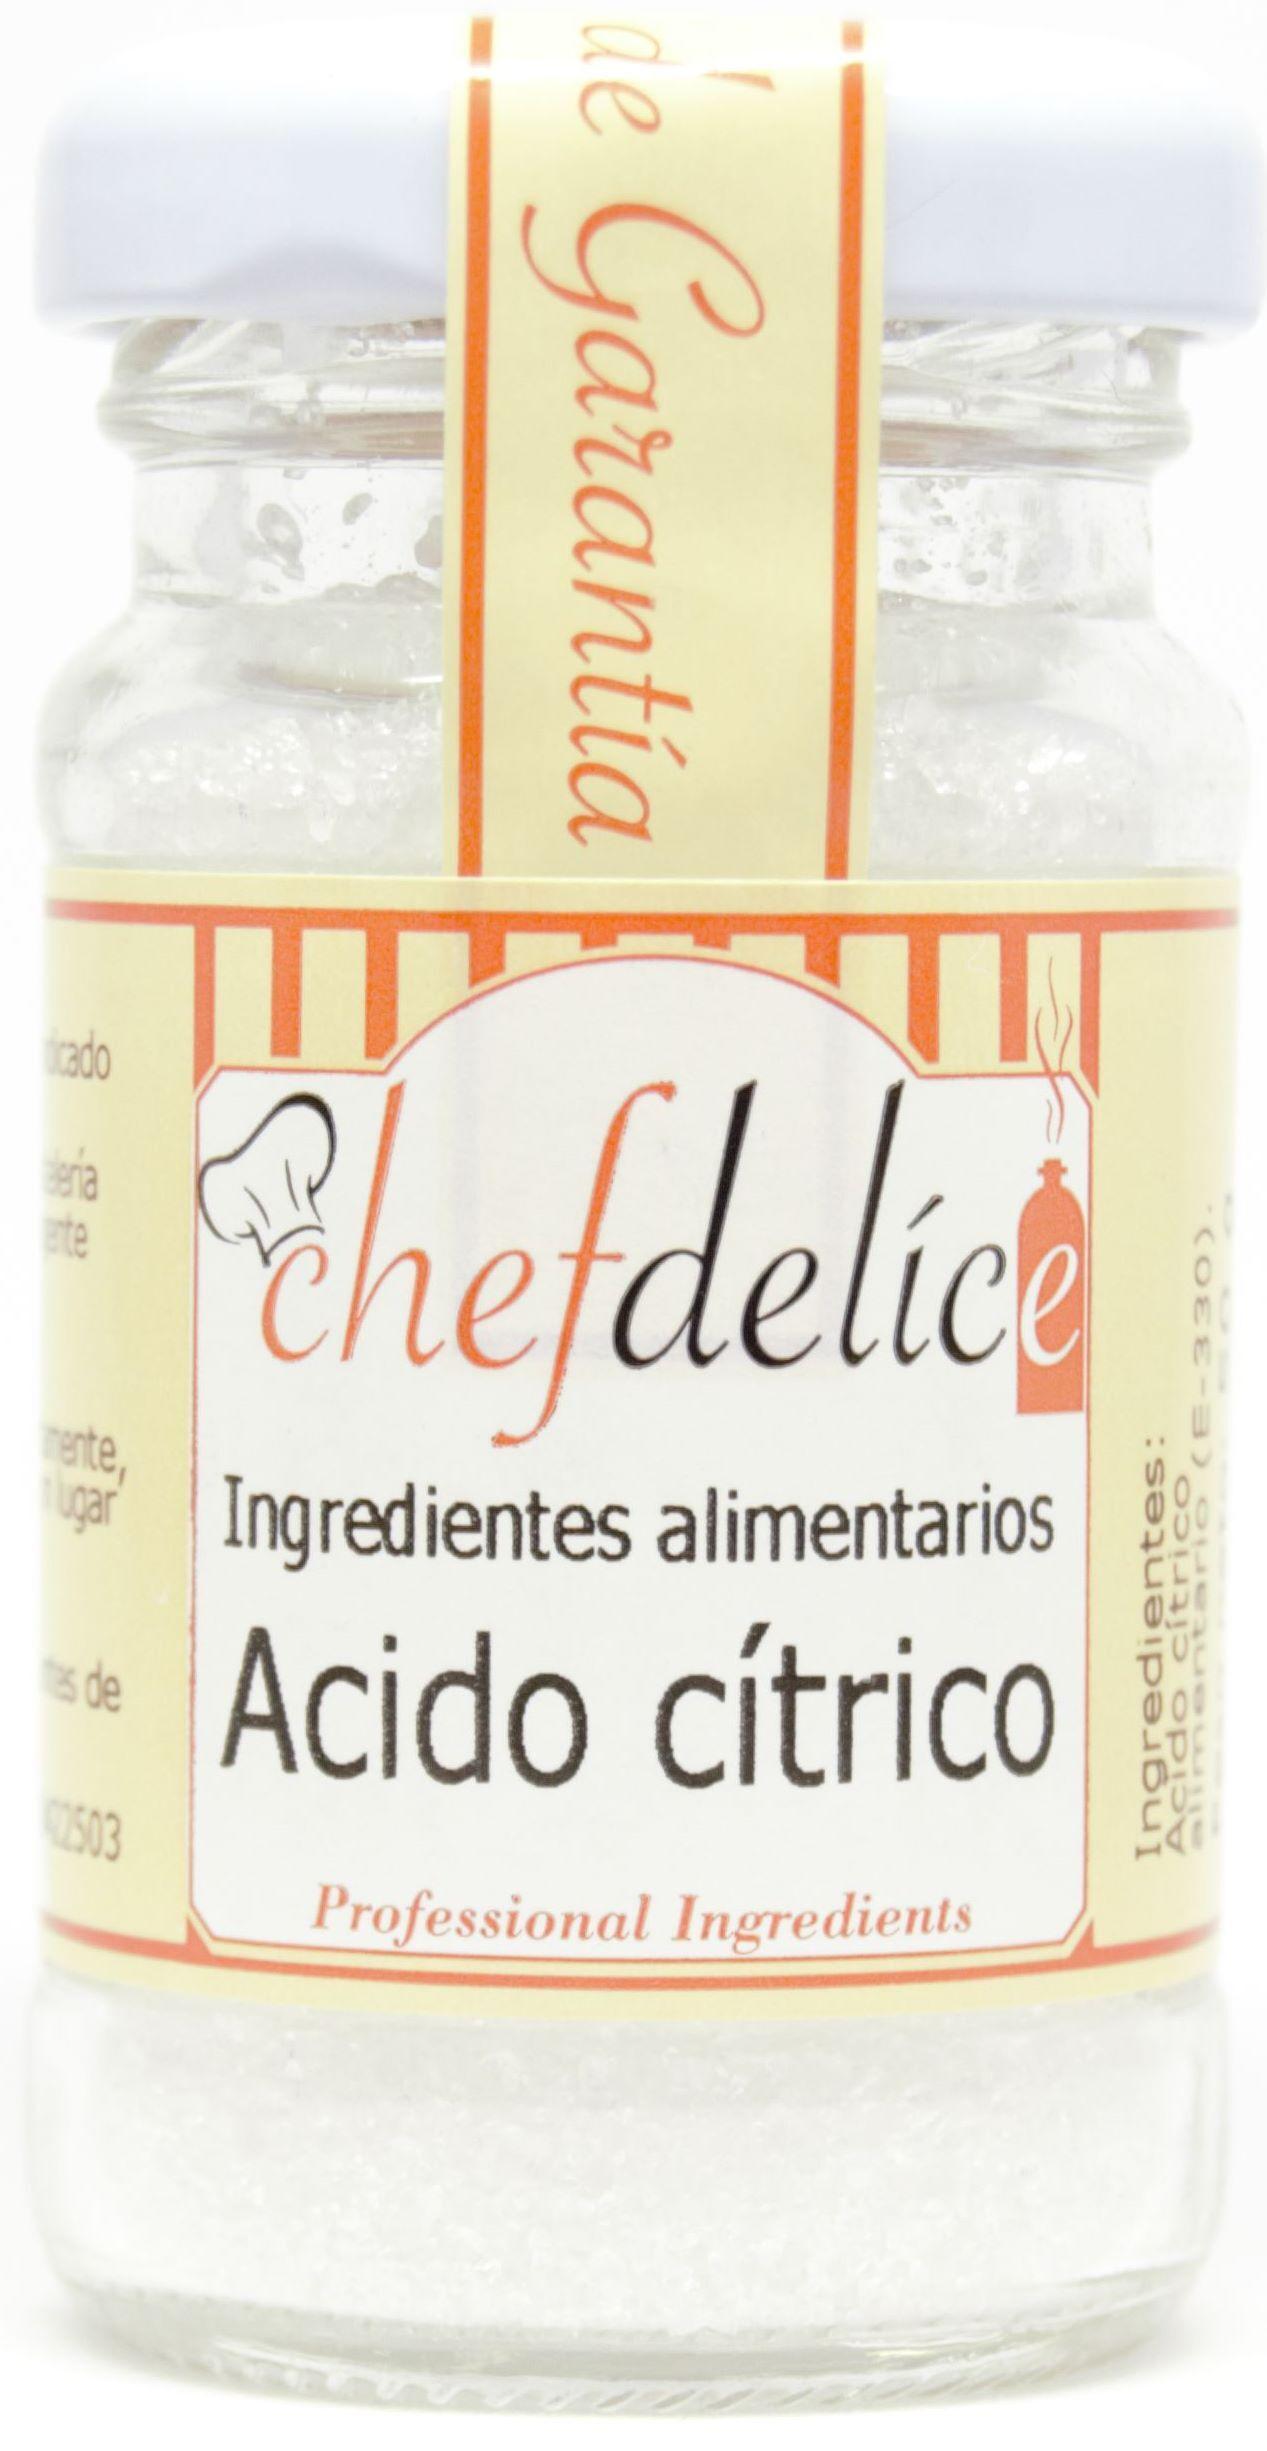 ACIDO CITRICO 50G CHEFDELICE en Biovegalia